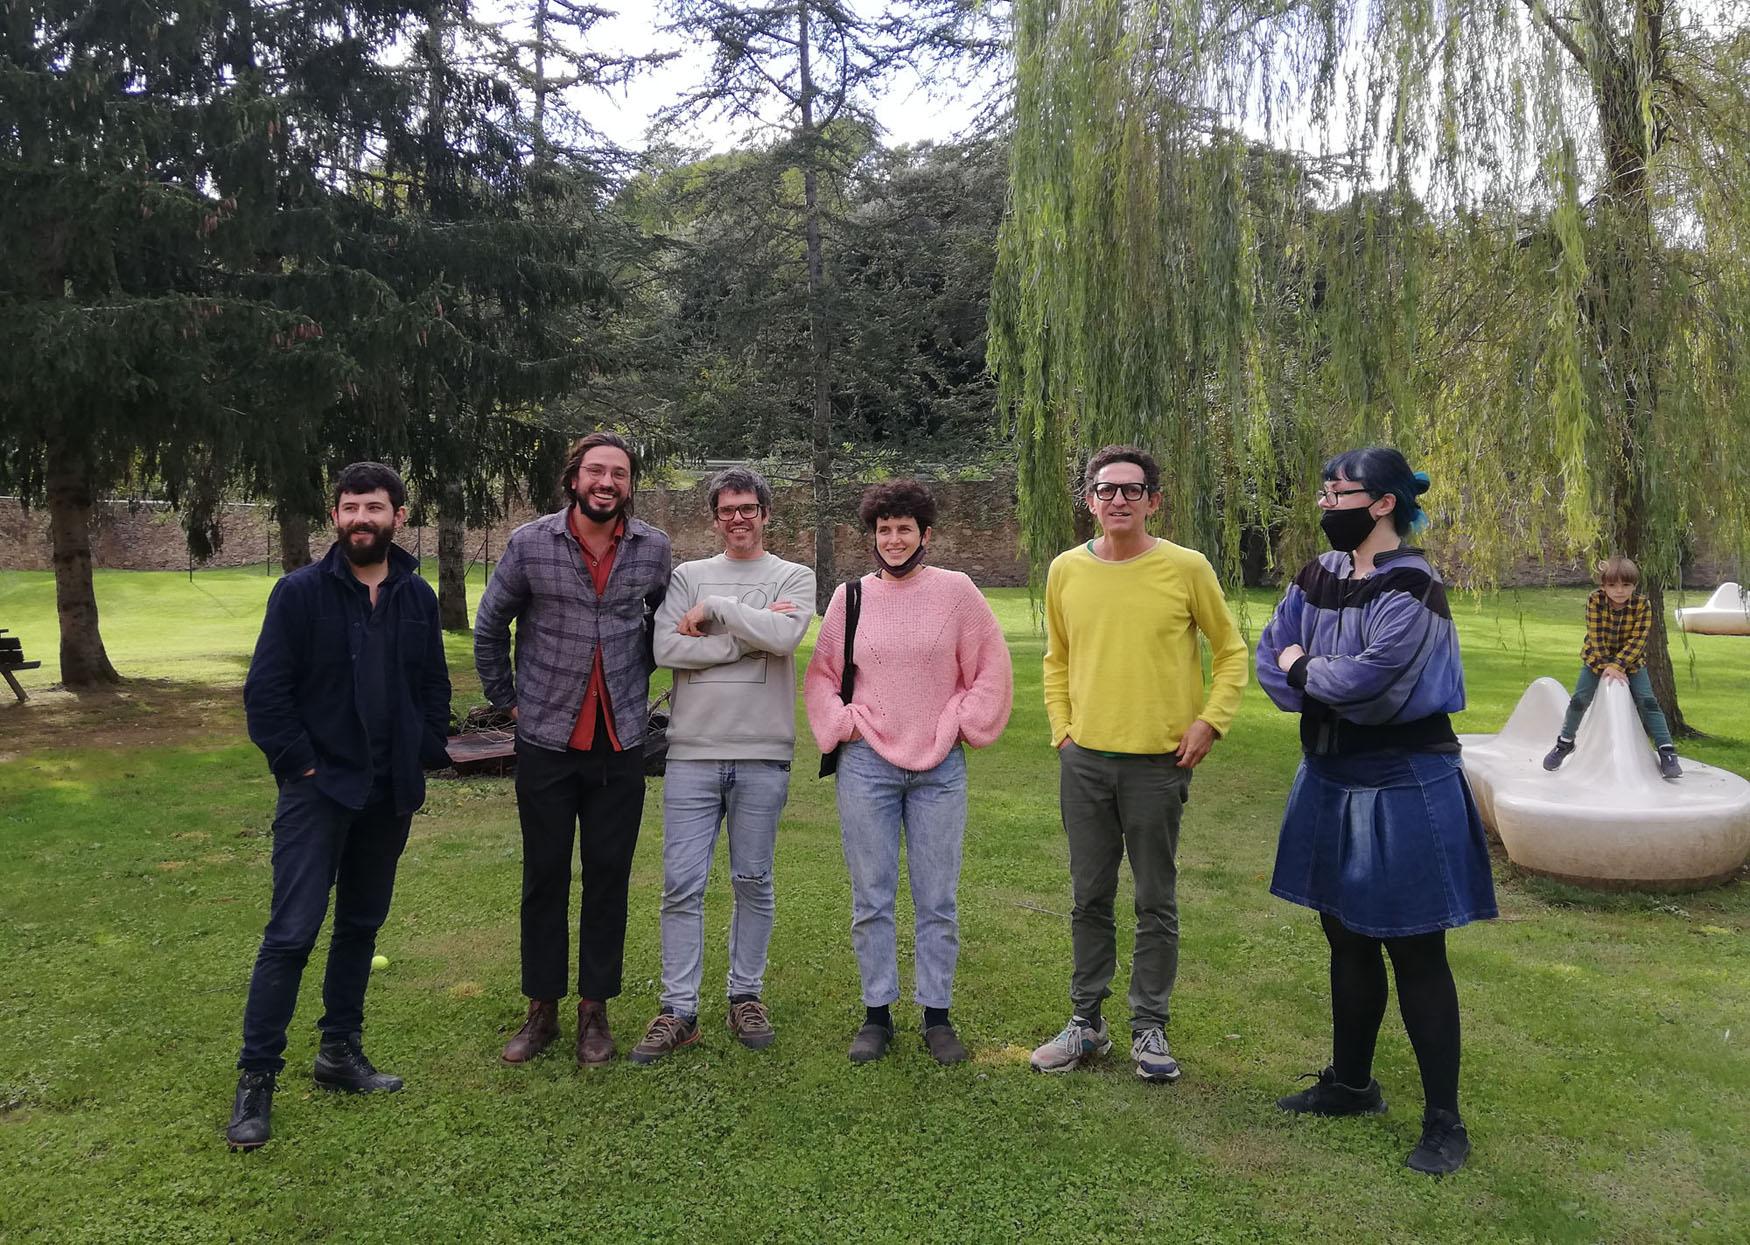 Retrat de grup. D'esquerra a dreta, Oscar Holloway, Francesc Ruiz Abad, Iñaki Alvarez, Ariadna Rodríguez, Gino Rubert i Marla Jacarilla. Bianyal 2020